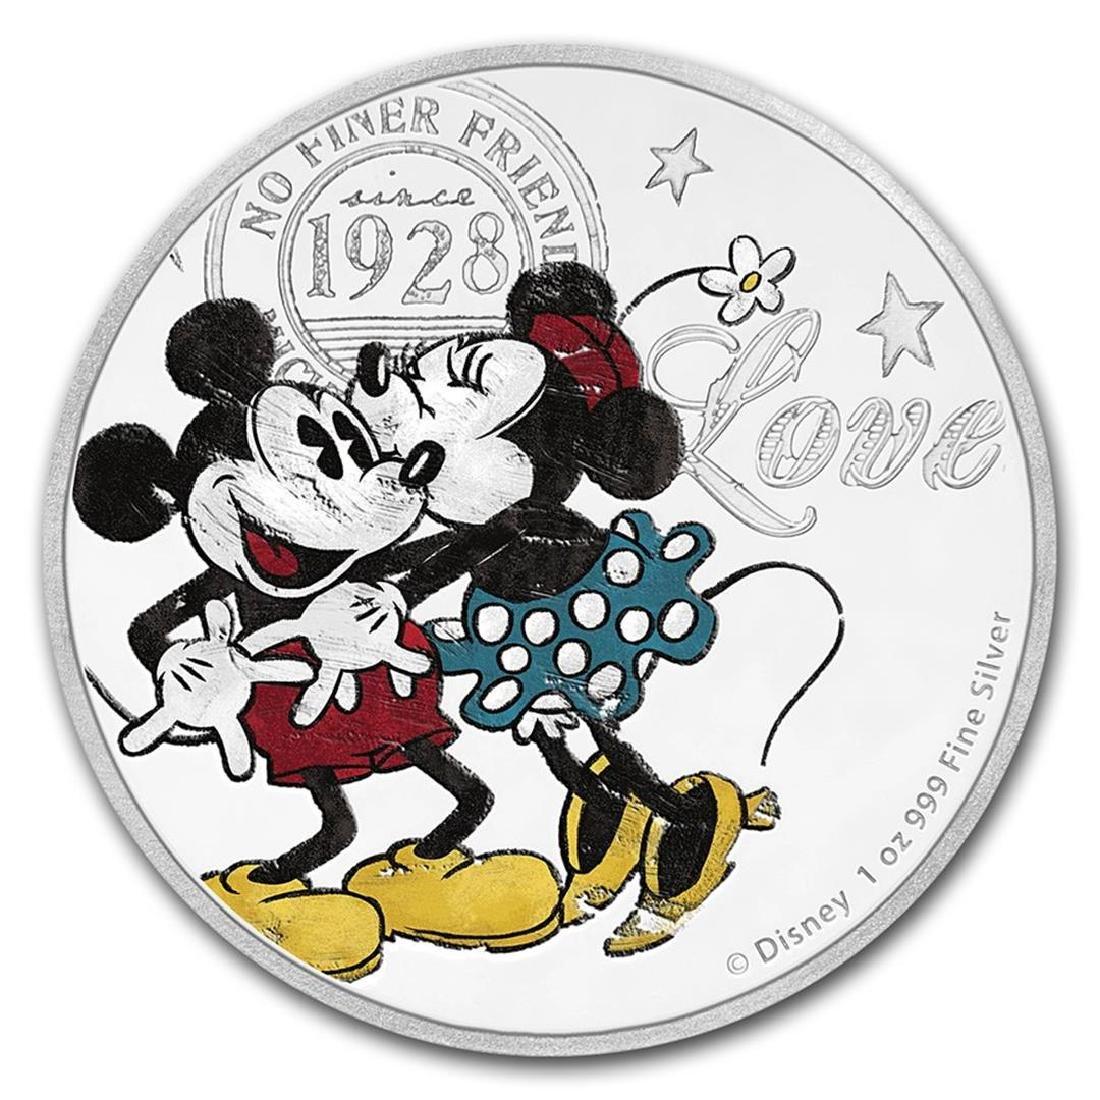 2017 Niue 1 oz Silver $2 Disney Love Coin